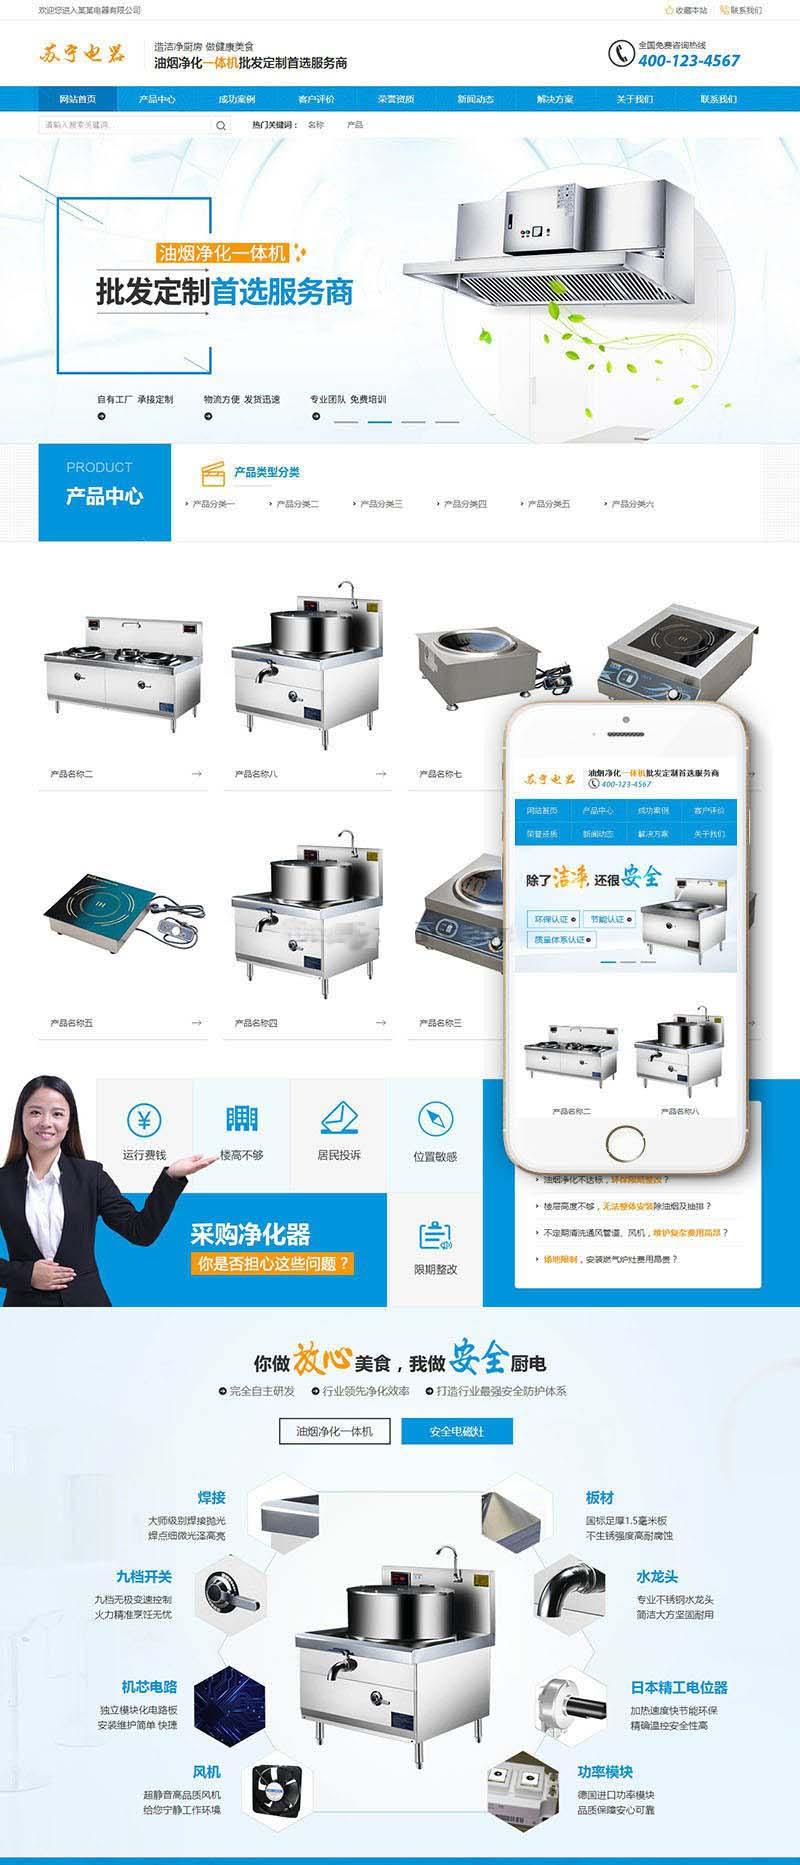 营销型油烟空气净化器电磁炉电器类织梦模板(带手机端)